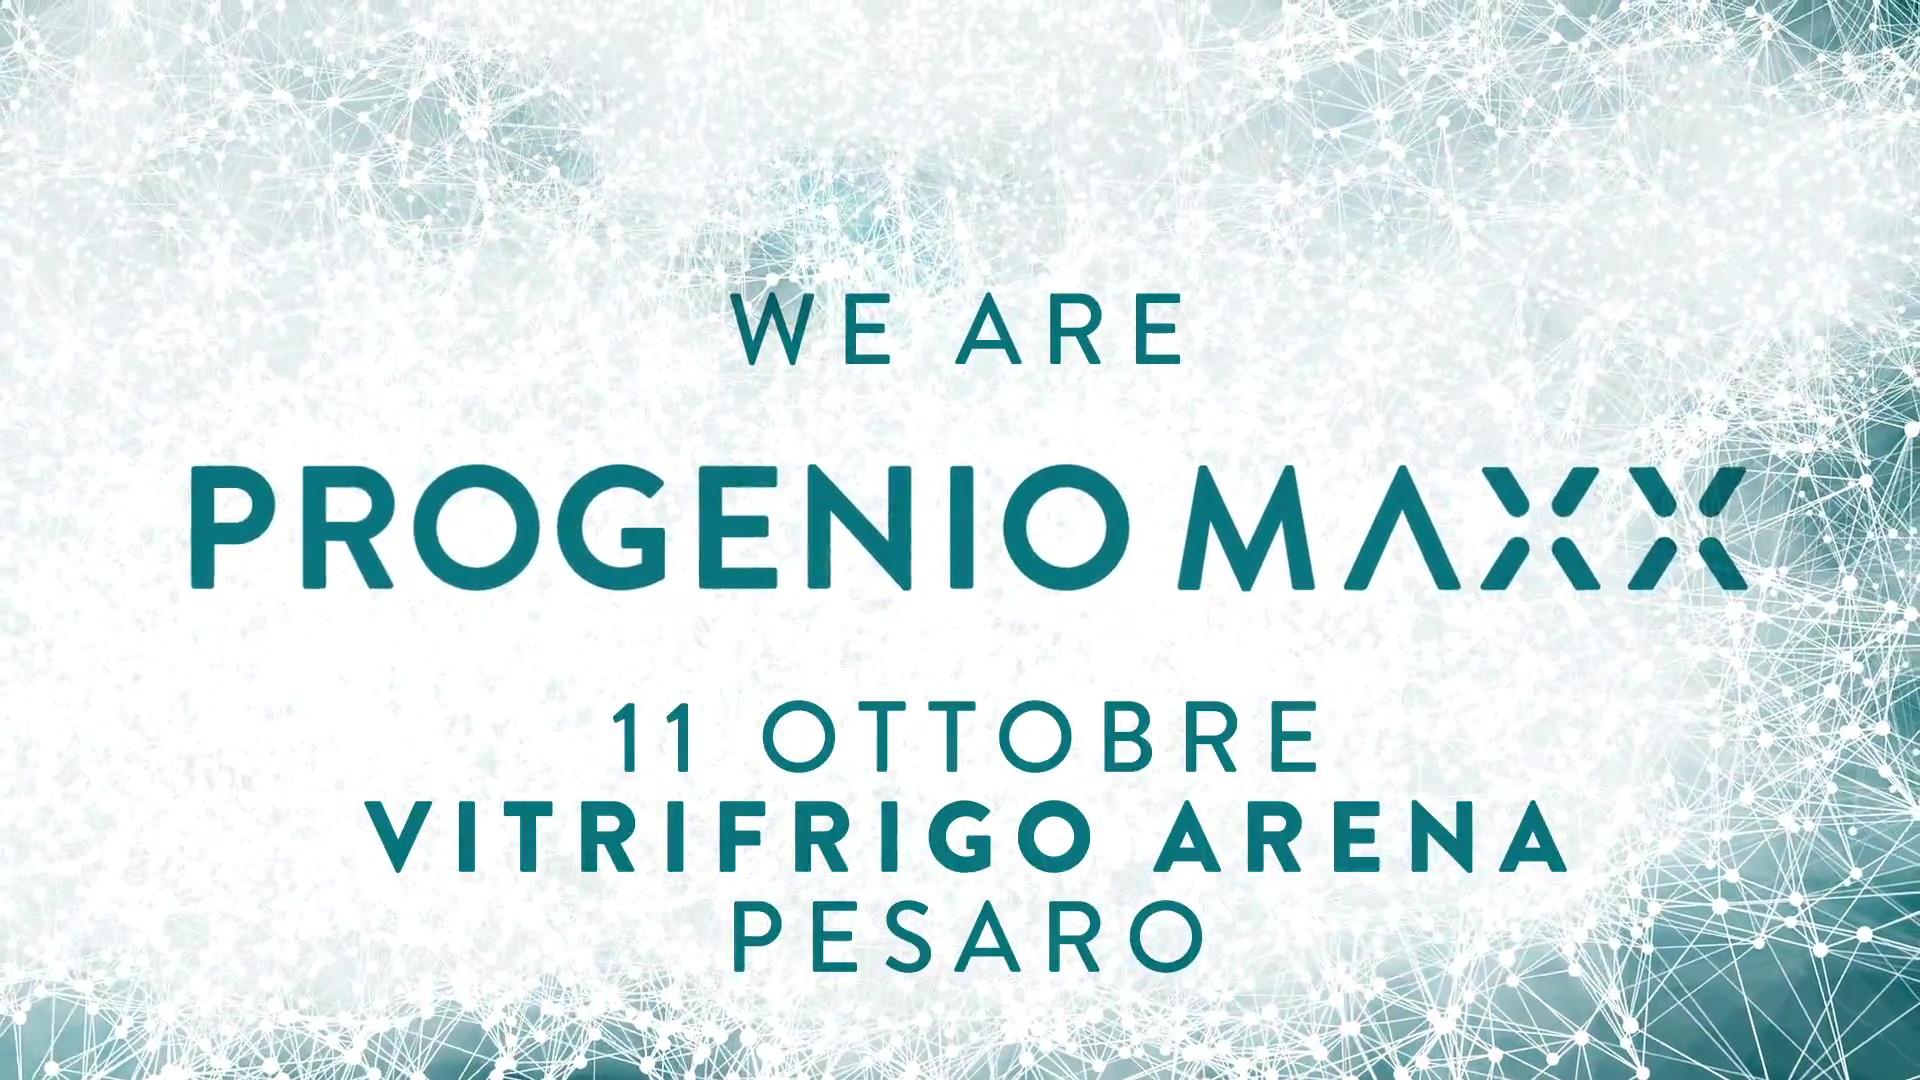 We are Progenio MAXX